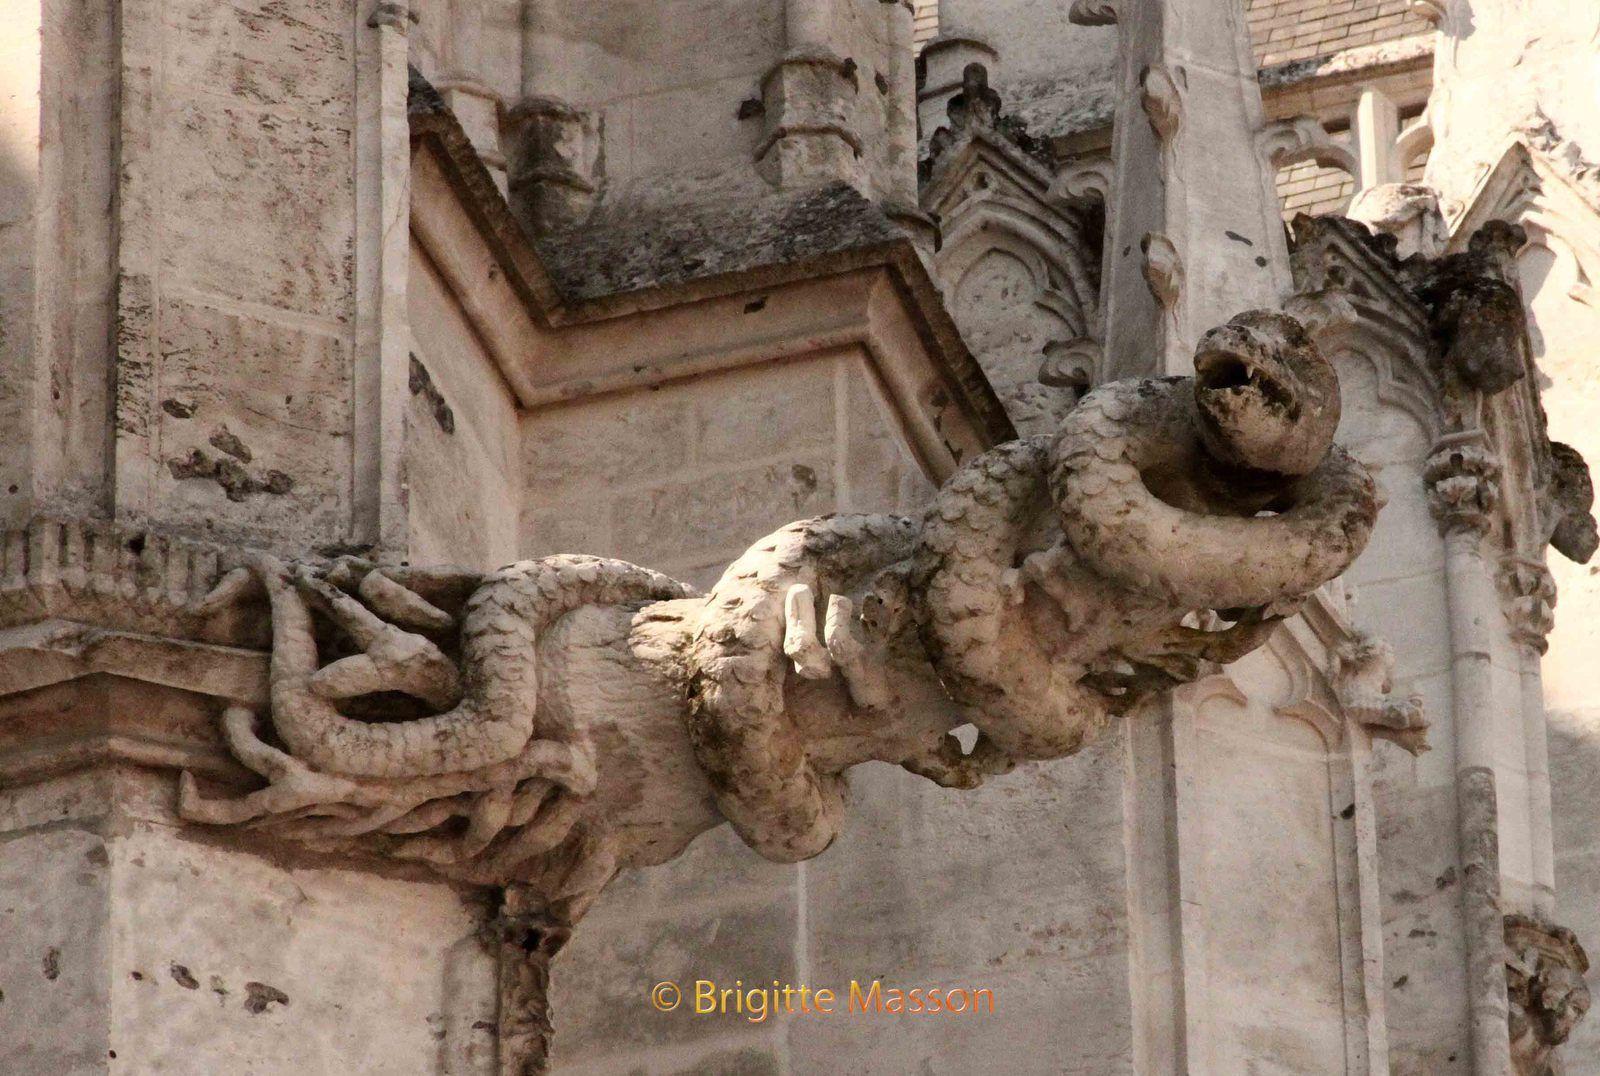 Cathédrale d'Evreux - Serpent